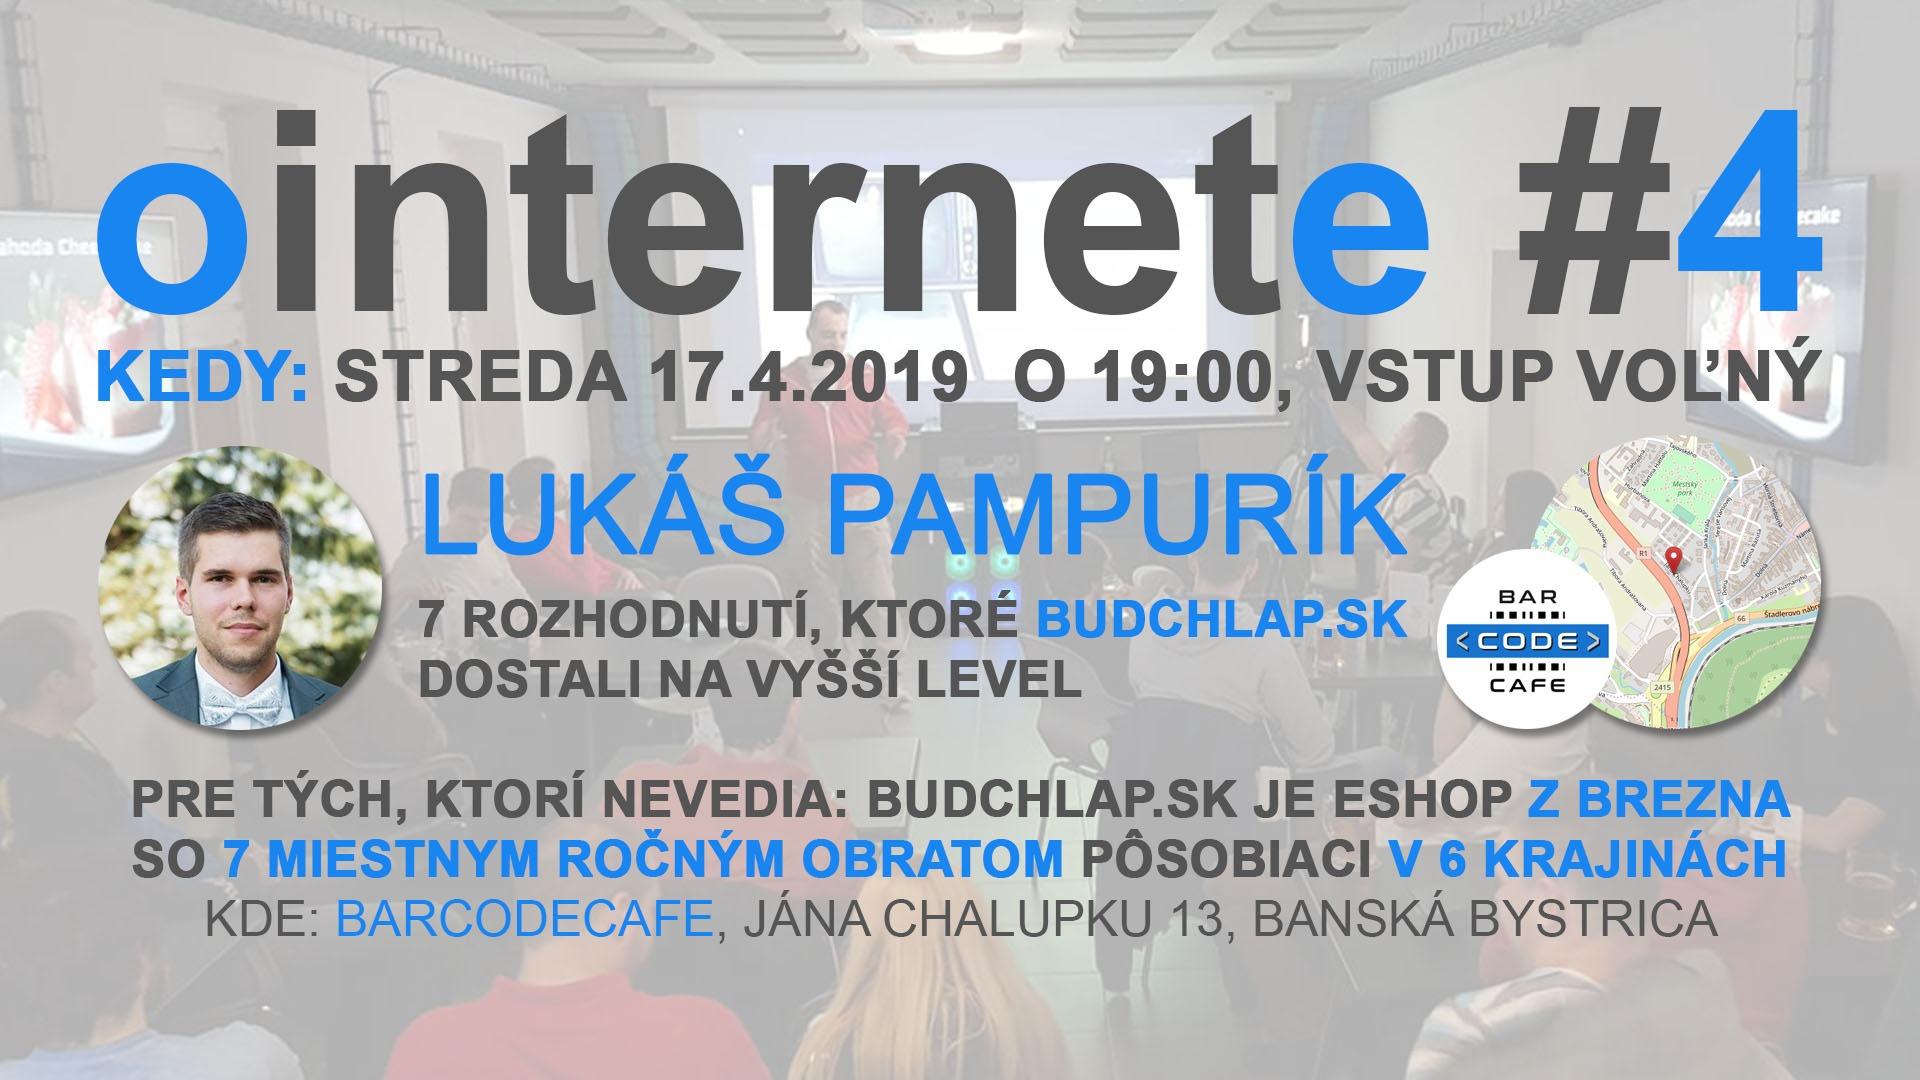 ointernete #4 - Lukáš Pampurík z Budchlap.sk